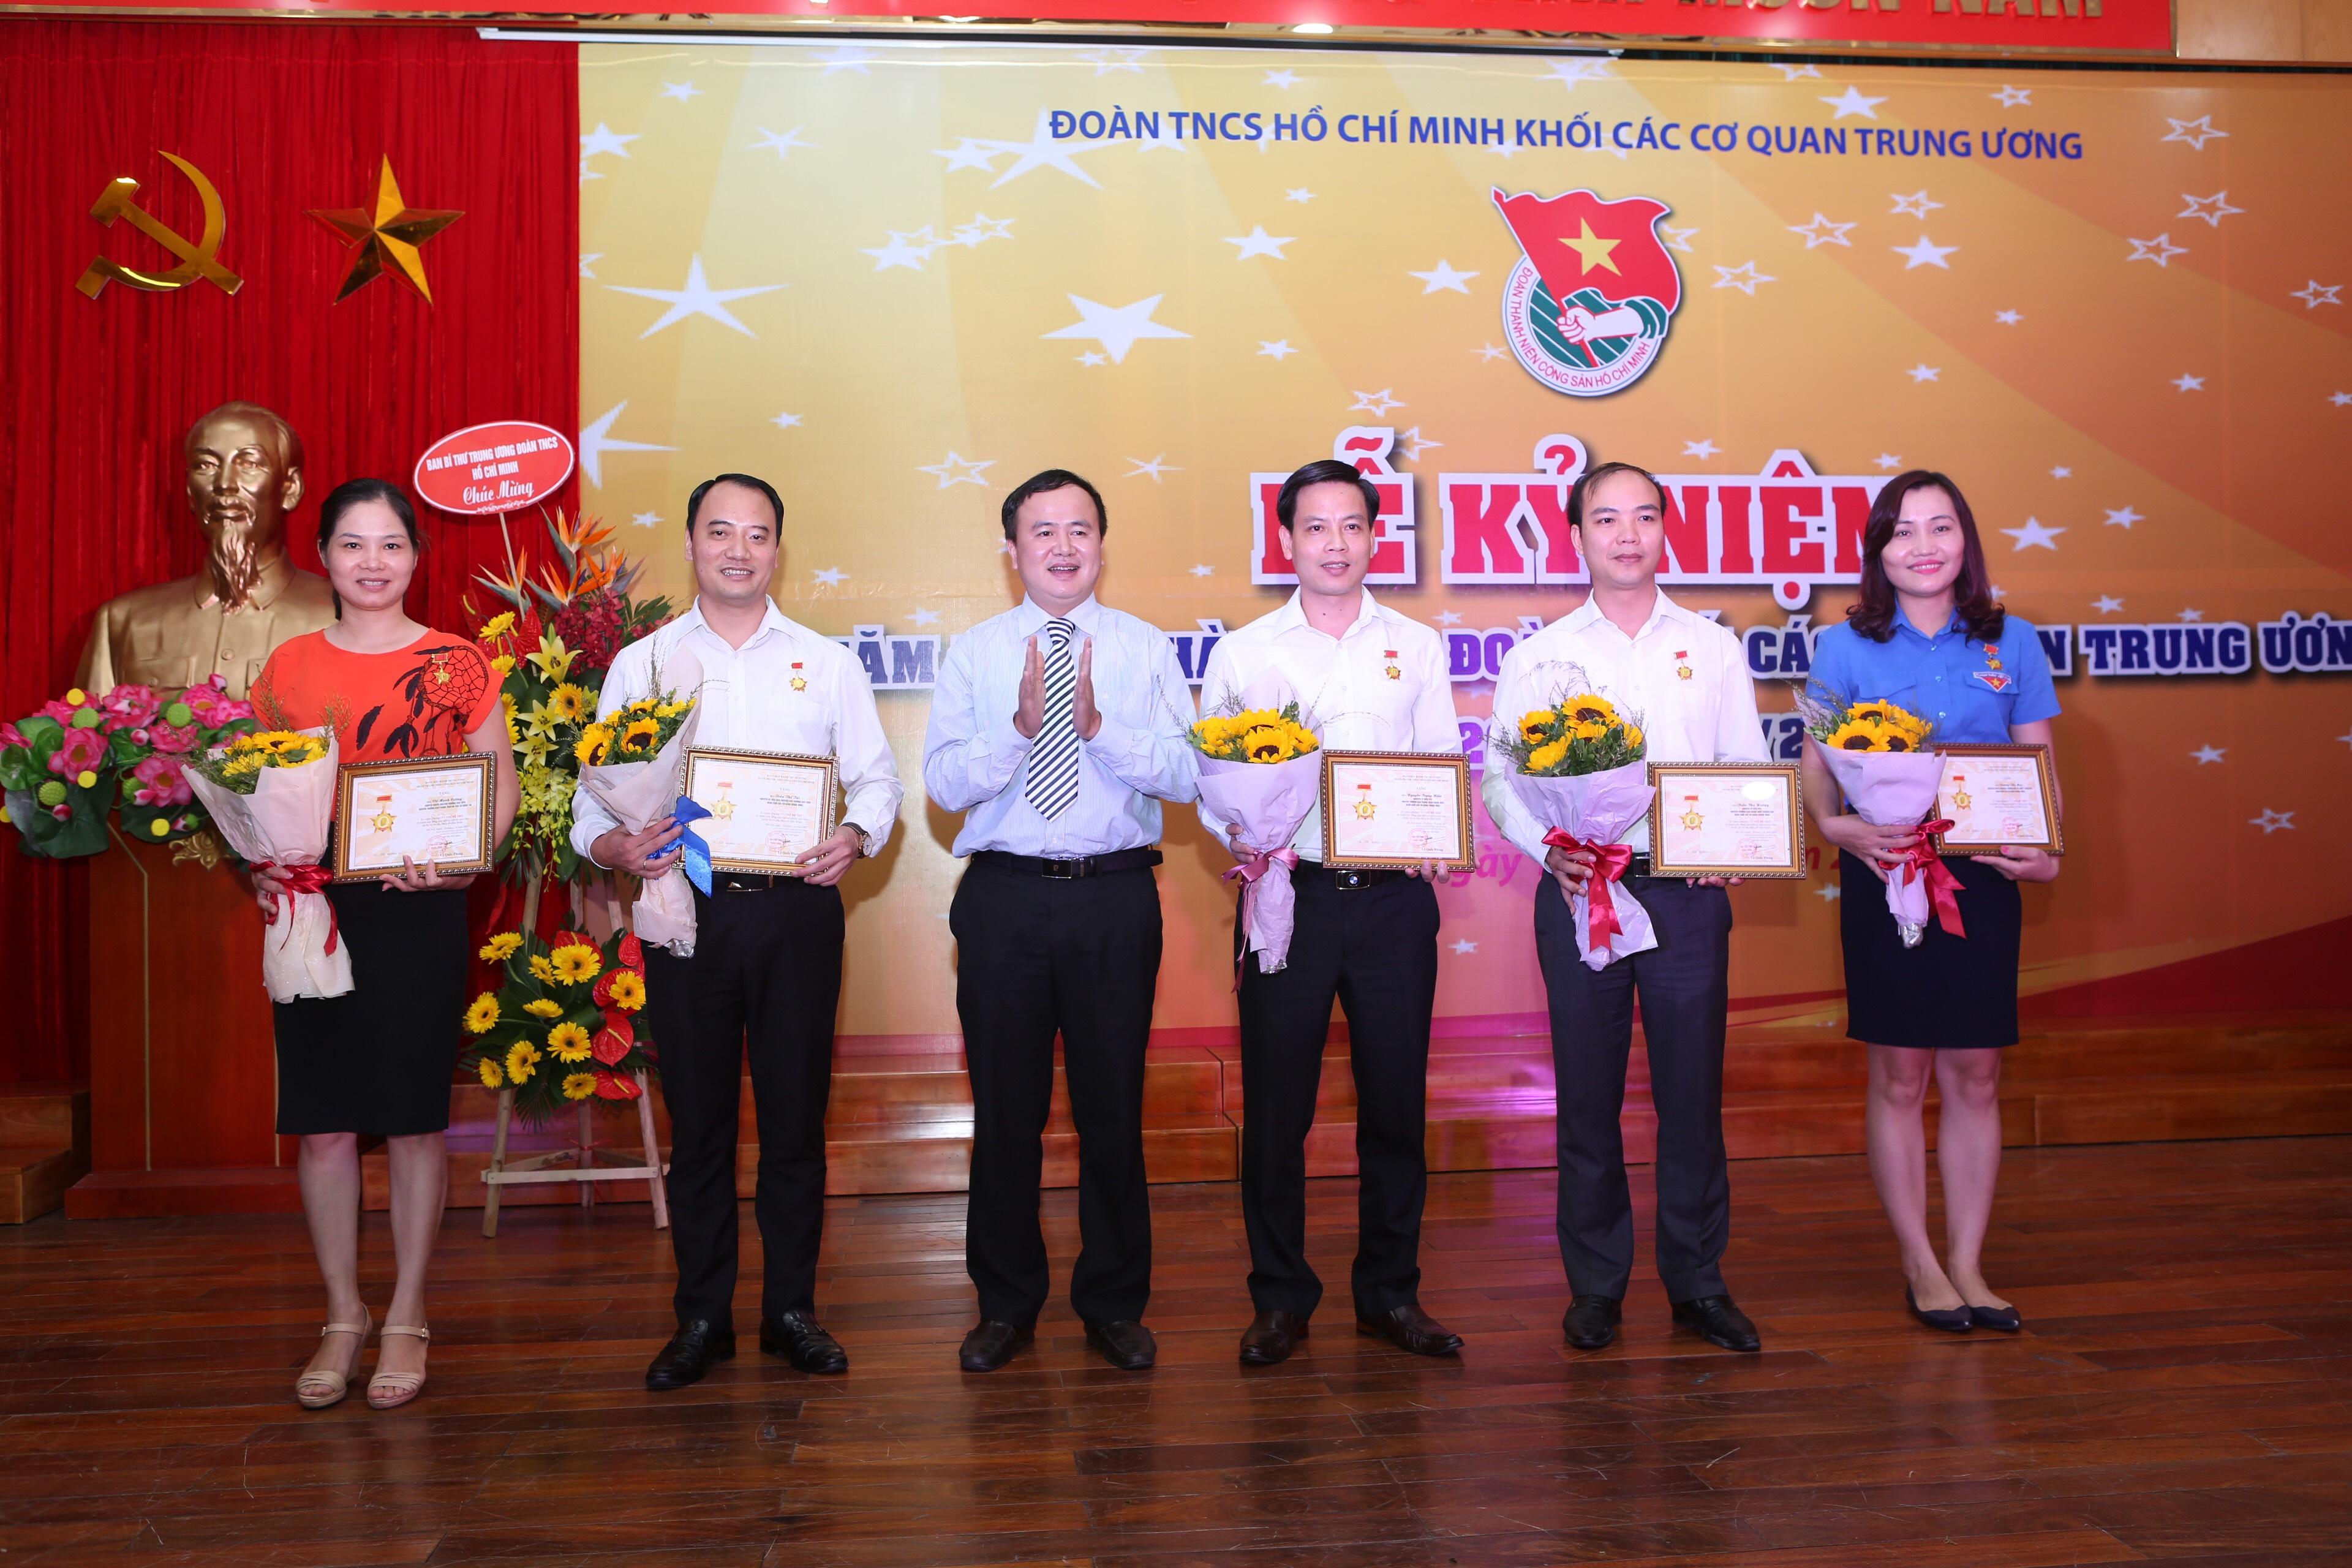 Đoàn Thanh niên Khối các cơ quan Trung ương: 10 năm giữ vững ngọn cờ tiên phong của tuổi trẻ